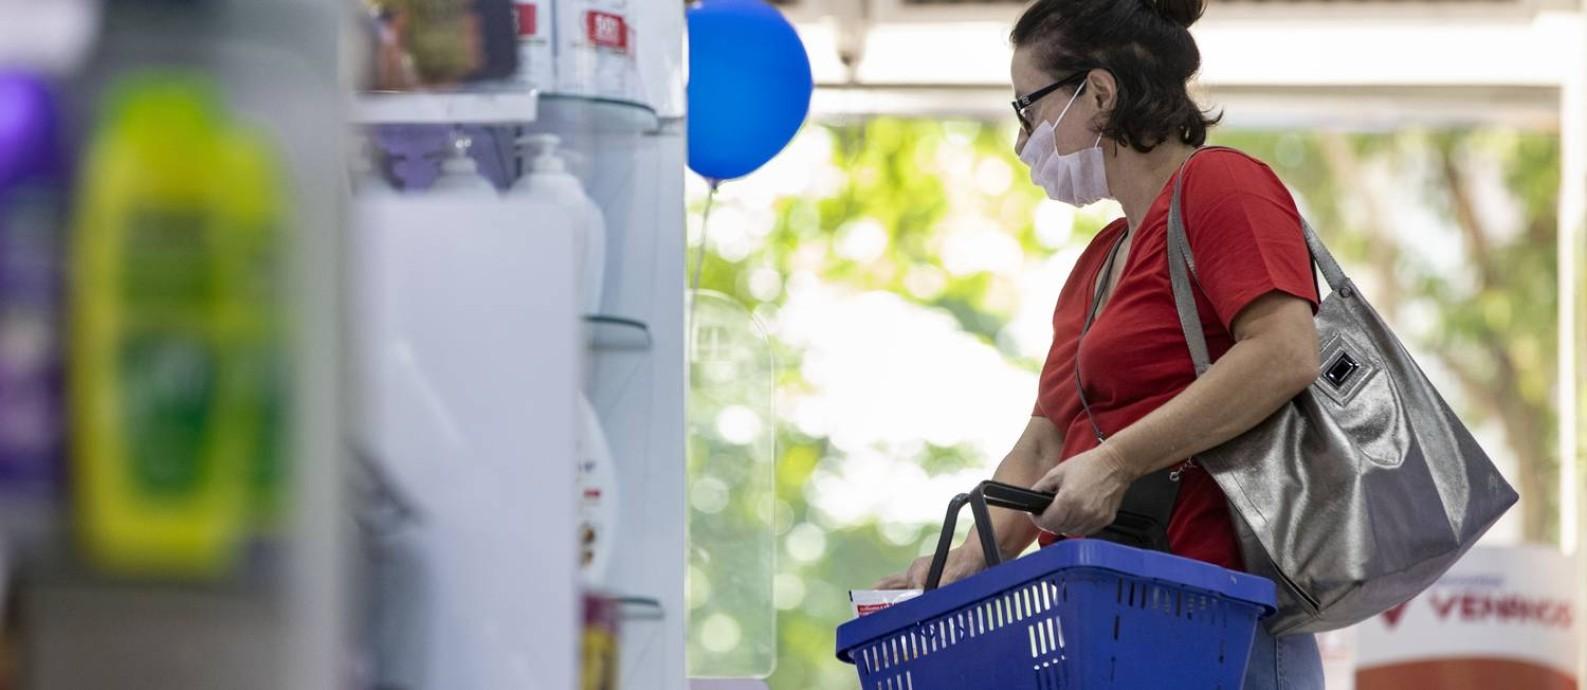 Cloroquina, medicamento contra doenças autoimunes, está em falta em todas as farmácias do Rio. Foto Ana Branco / Agencia O Globo Foto: Ana Branco / Agência O Globo